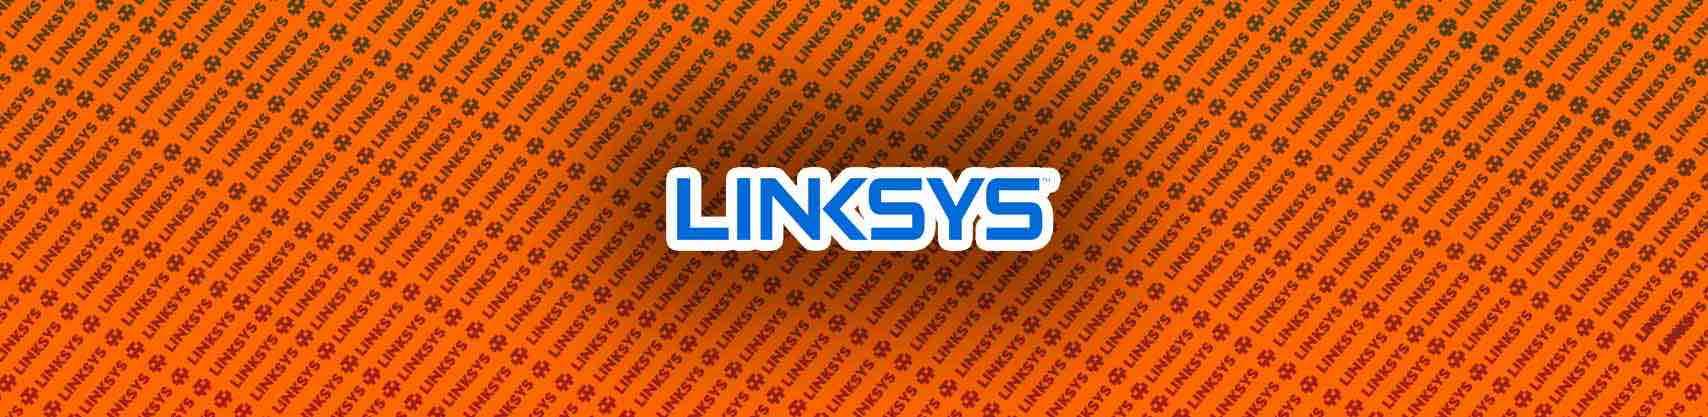 Linksys AC750 Manual